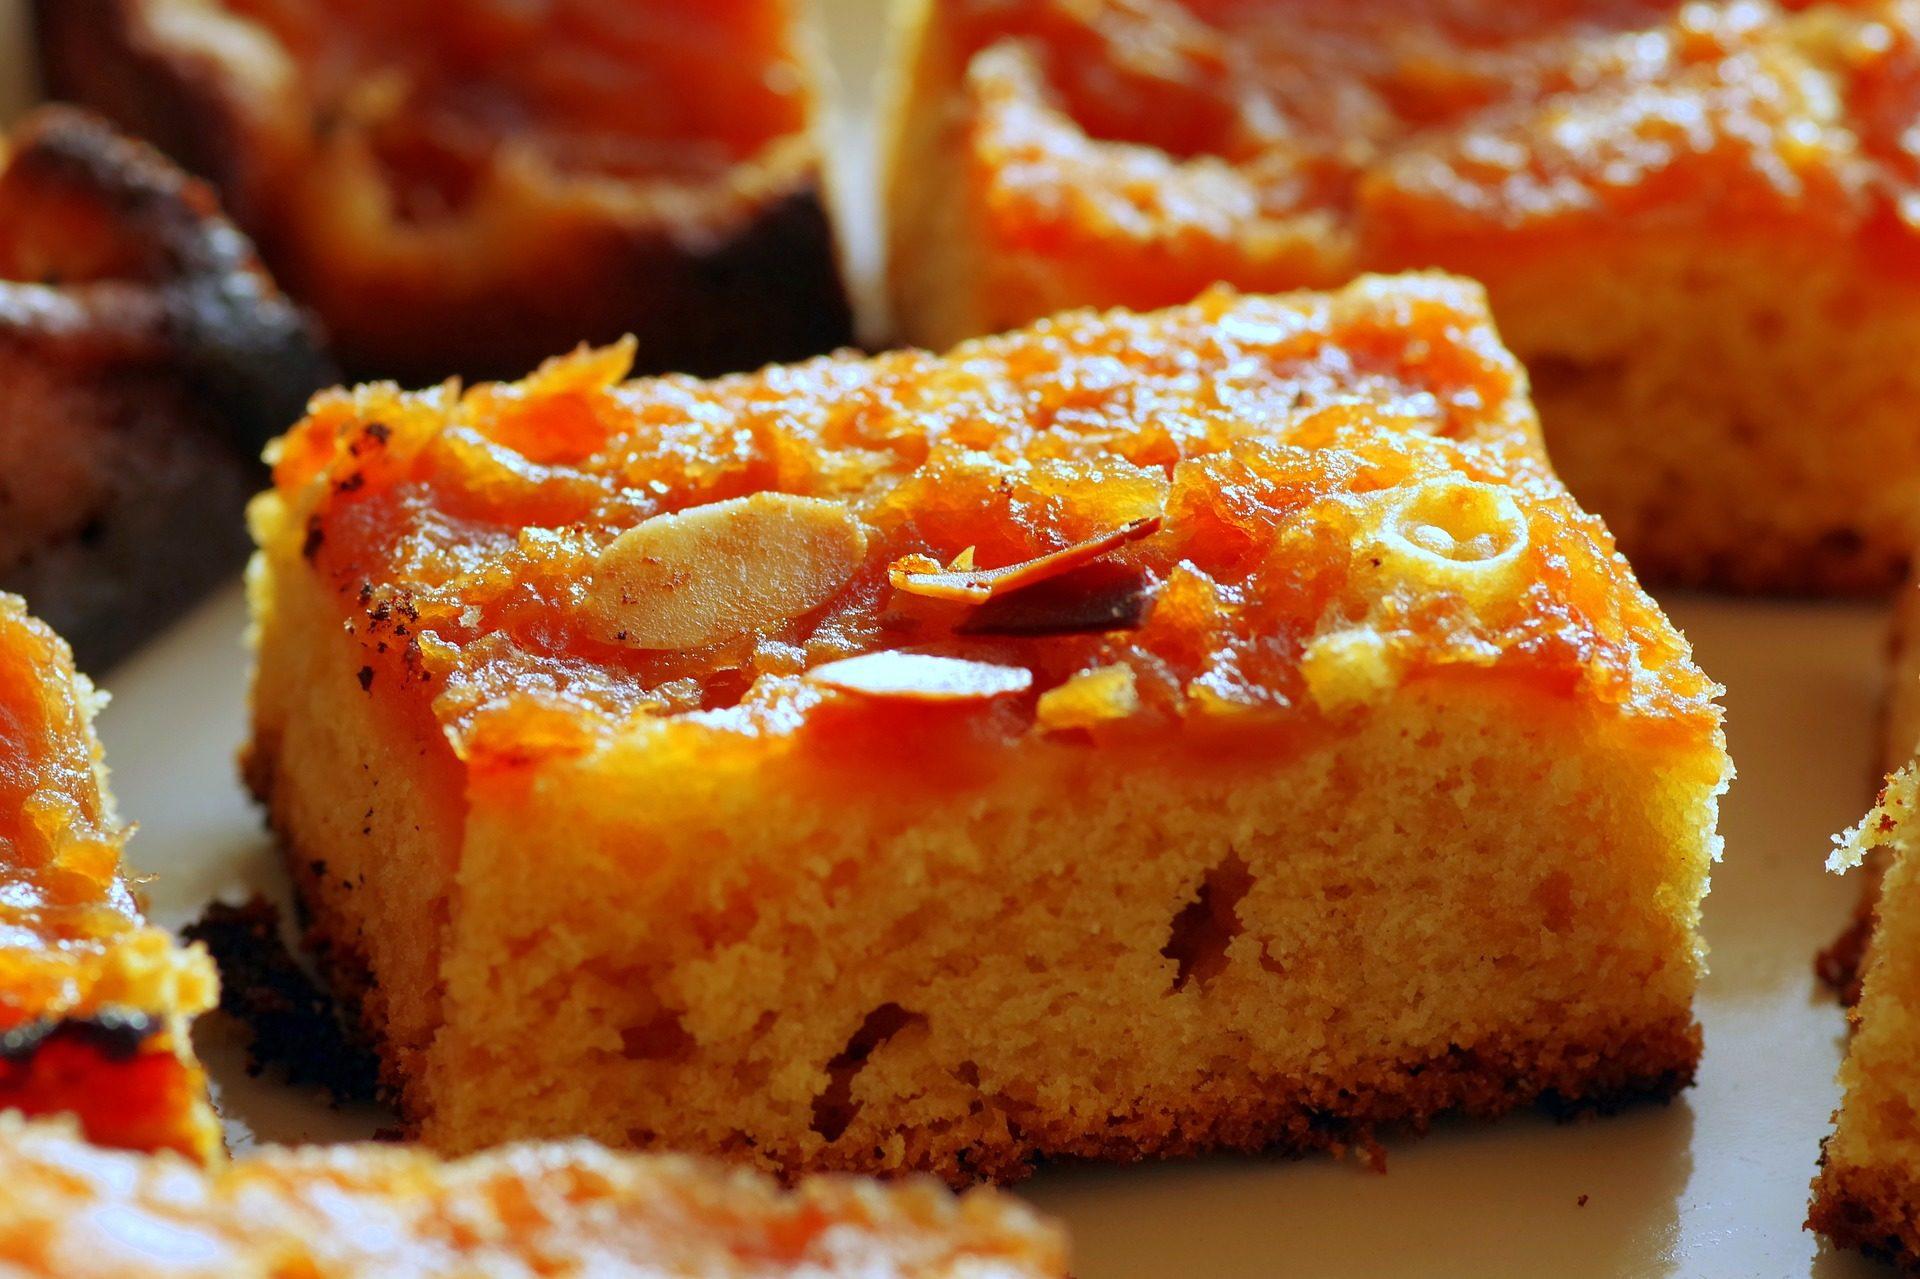 bolo, doce, cidra, amêndoas, abóbora, sobremesa - Papéis de parede HD - Professor-falken.com